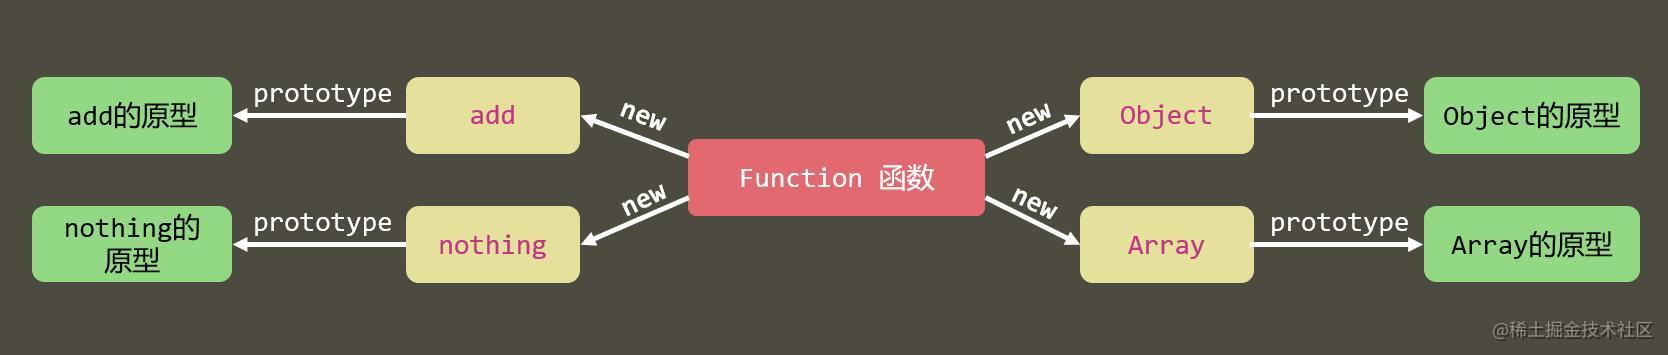 函数原型.jfif